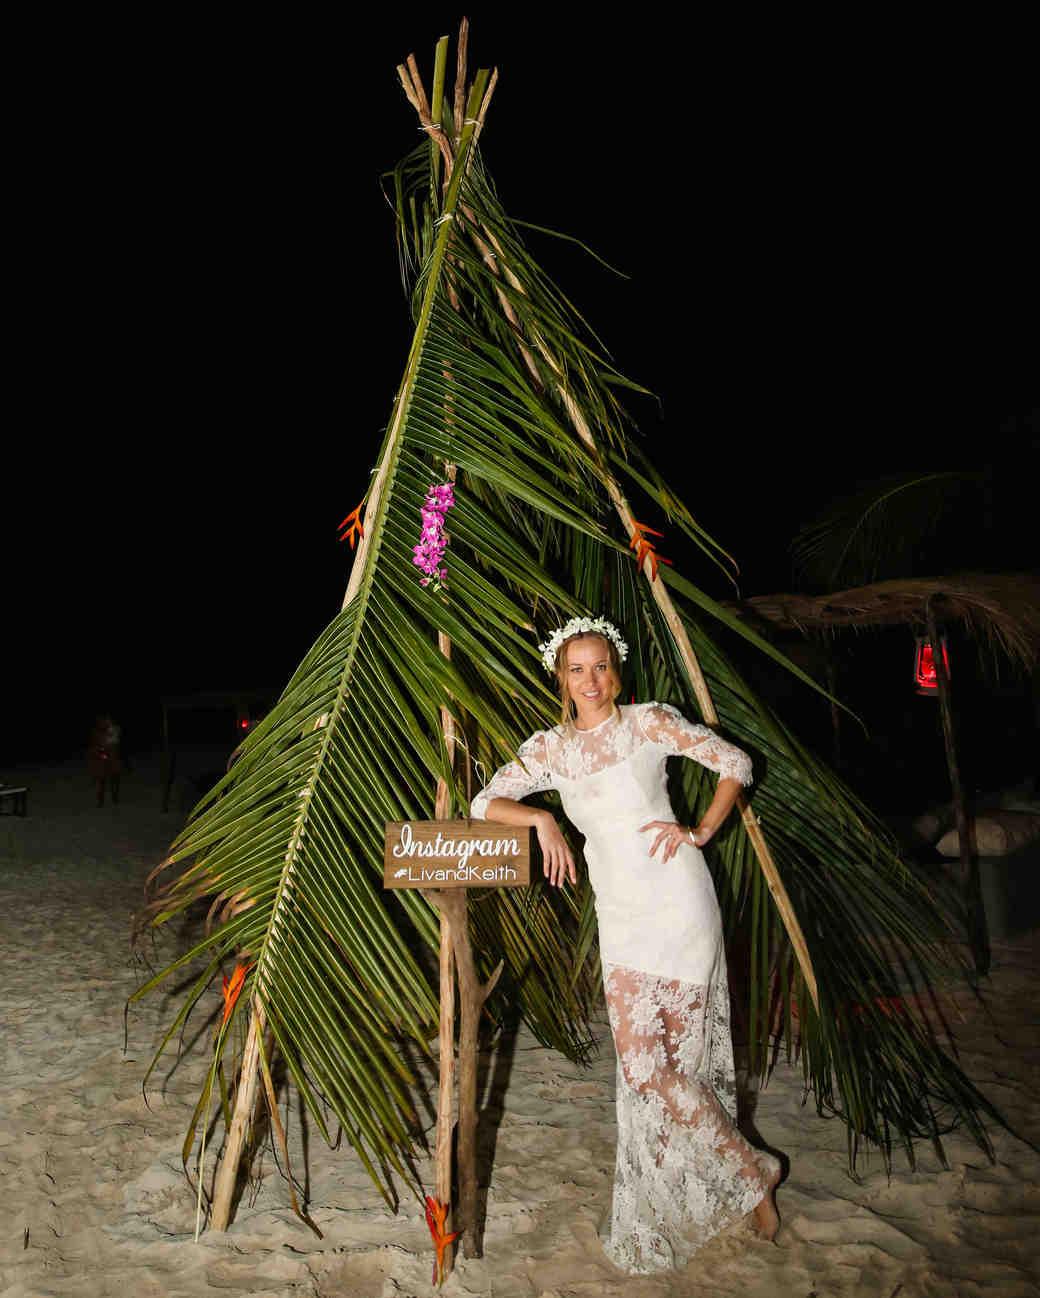 olivia-keith-wedding-teepee-020-s112304-0815.jpg